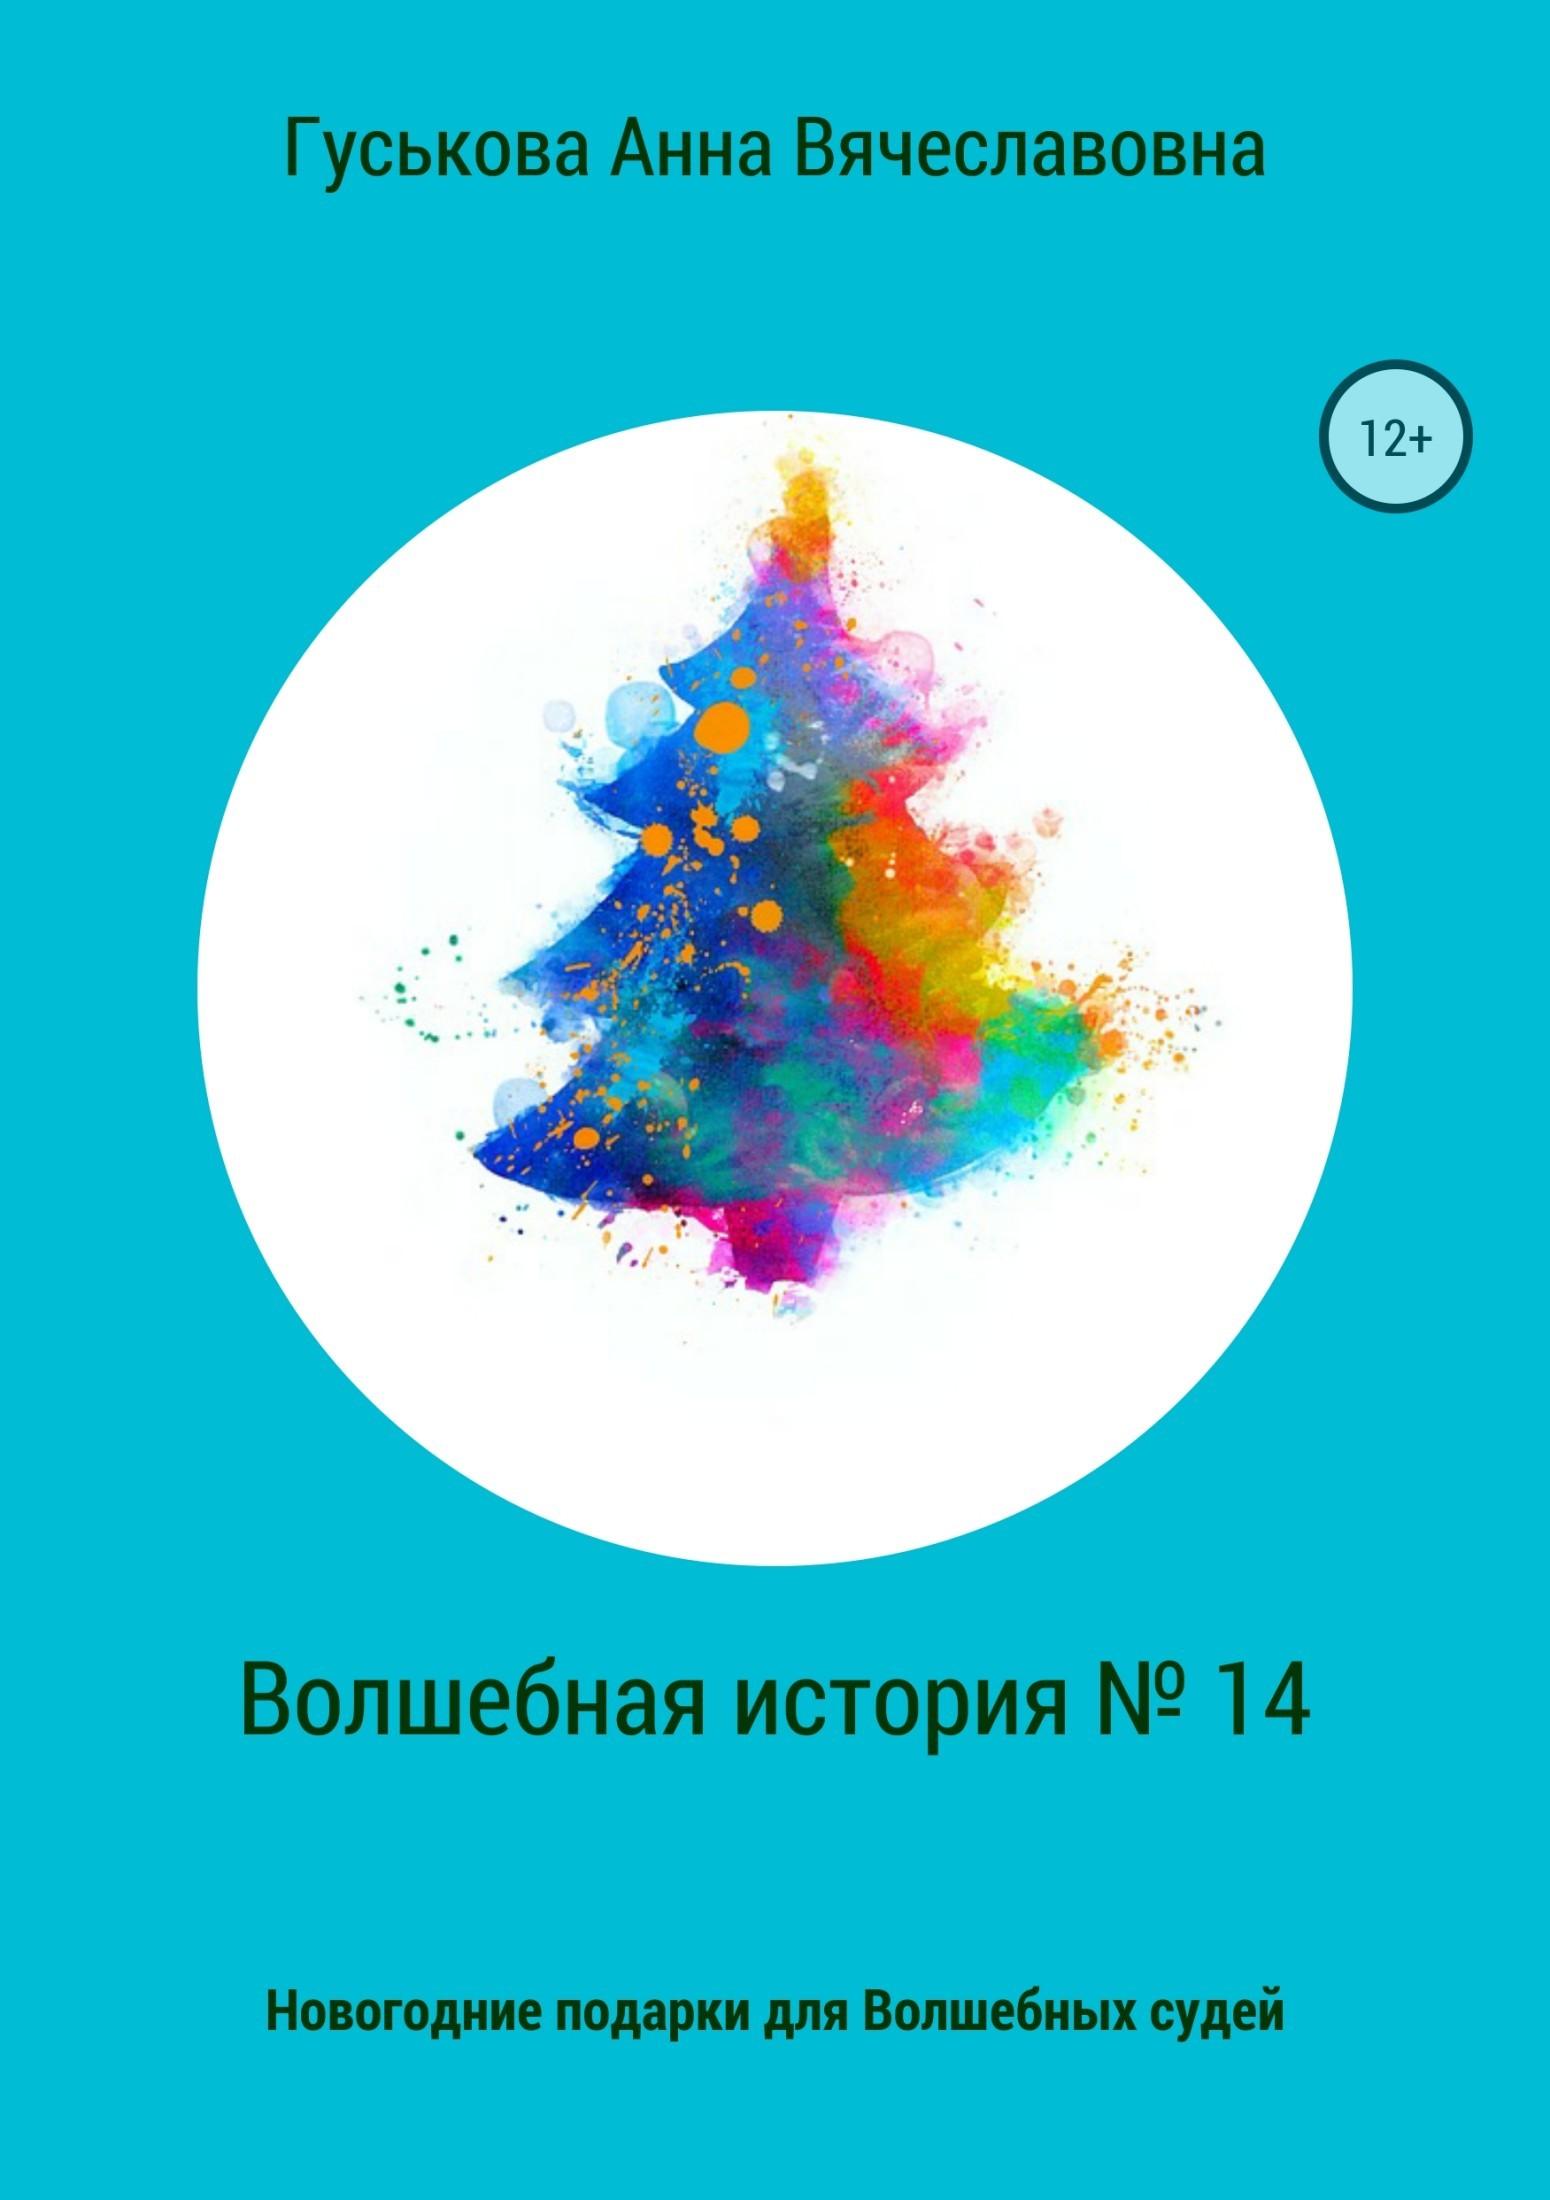 Волшебная история № 14. Новогодние подарки для Волшебных судей